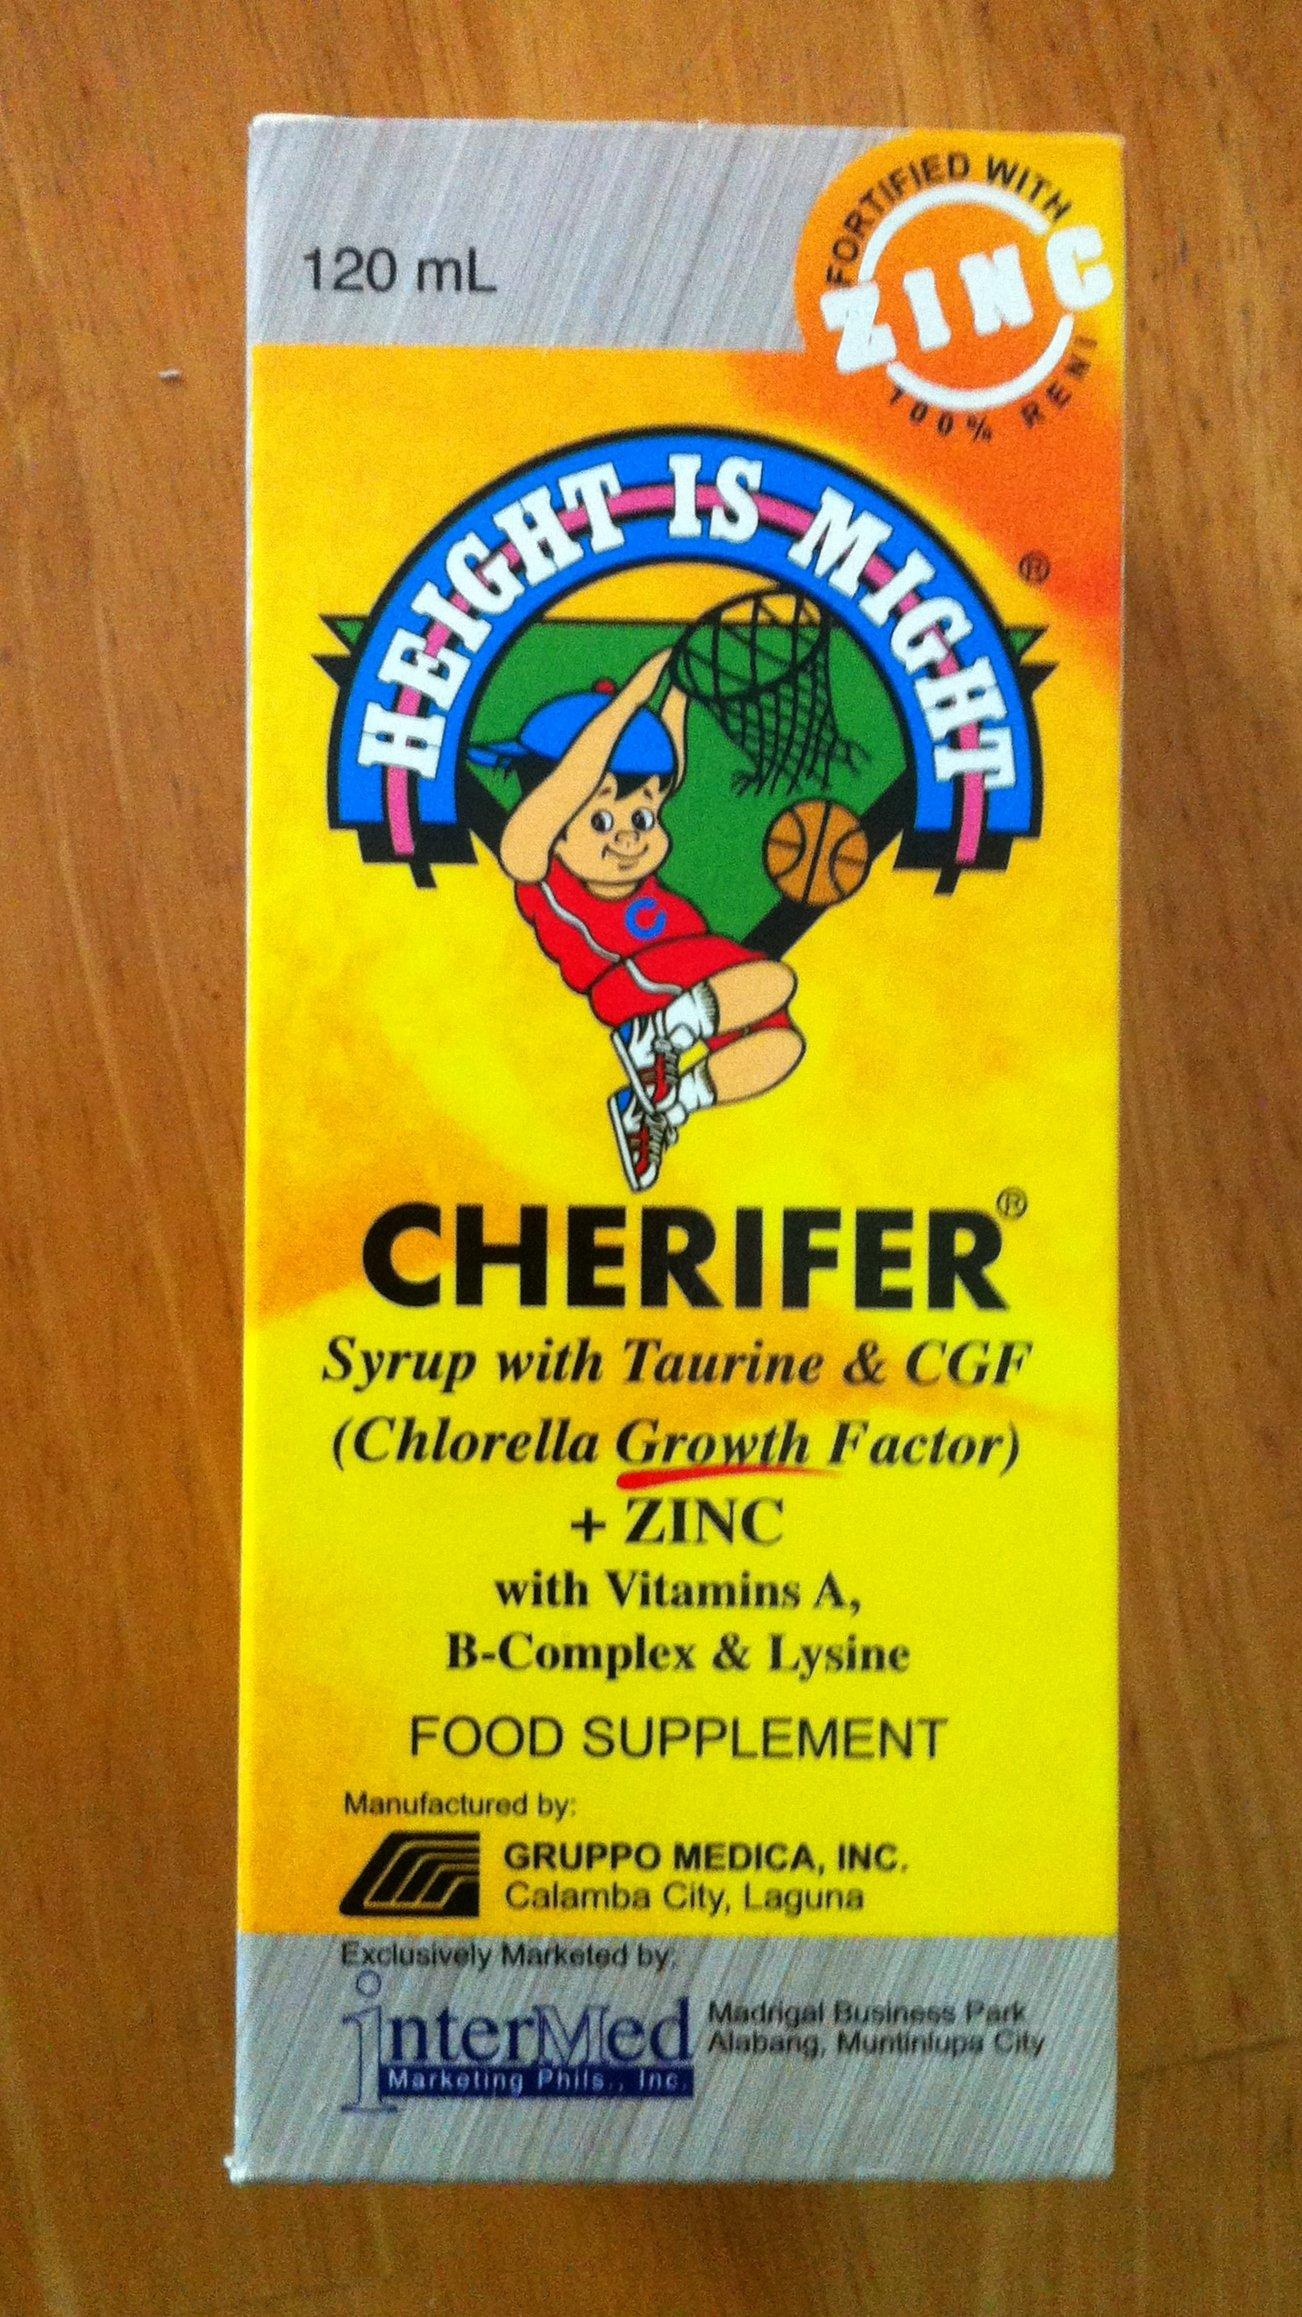 2 Cherifer Syrup w/Taurine, CGF (Chlorella Growth Factor) and Zinc (2 x 120ml)